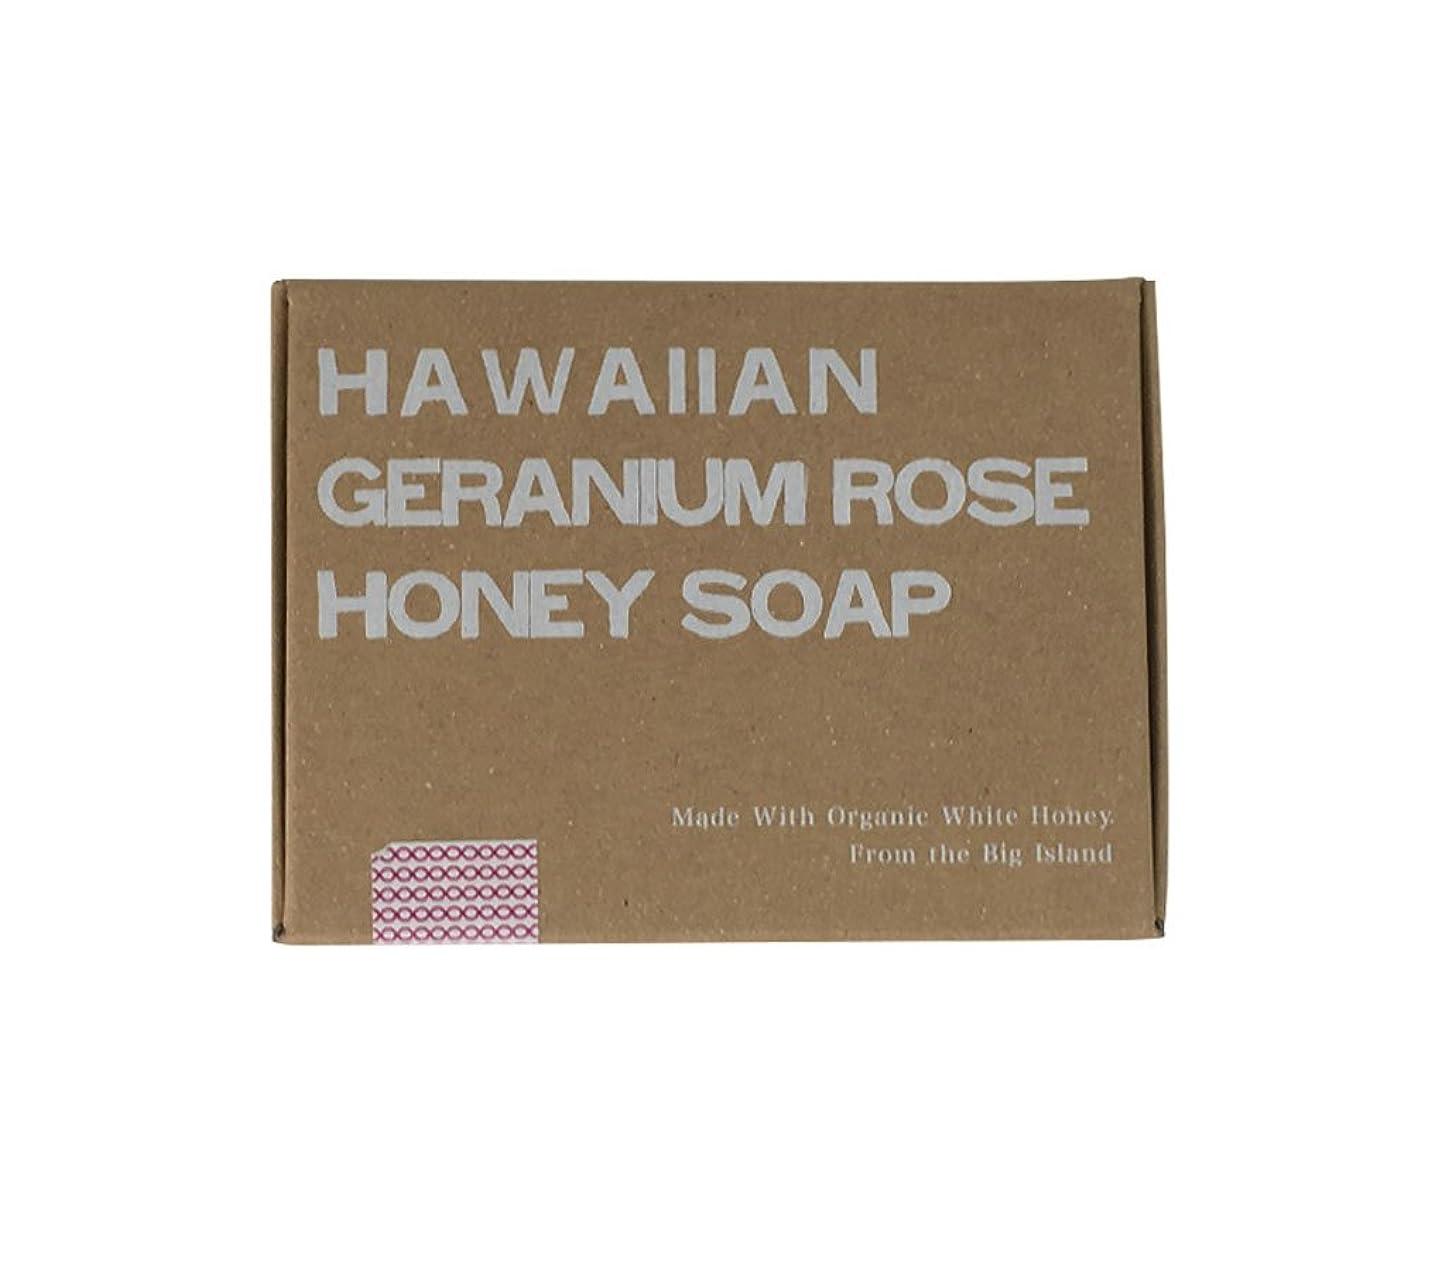 漏れ没頭する性別ホワイトハニーオーガニクス ハワイアン?ゼラニウムローズ?ハニーソープ (Hawaiian Geranium Rose Honey Soap)